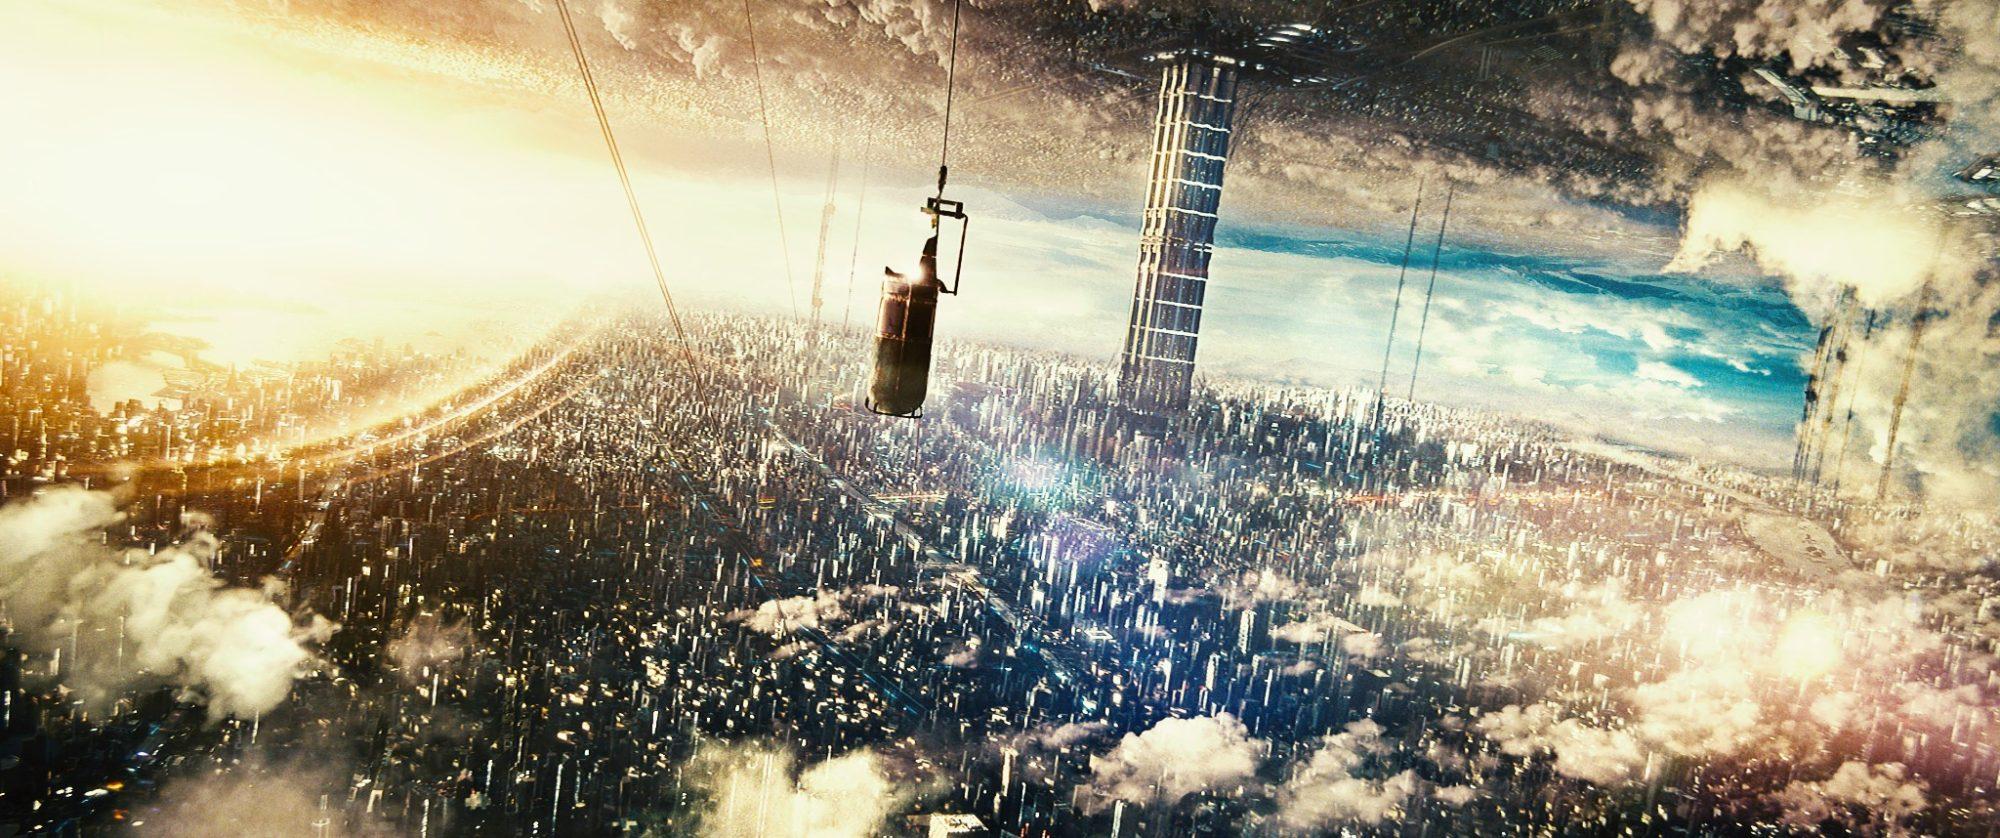 Uspide Down, plus fort que la gravité et au-delà des nuages